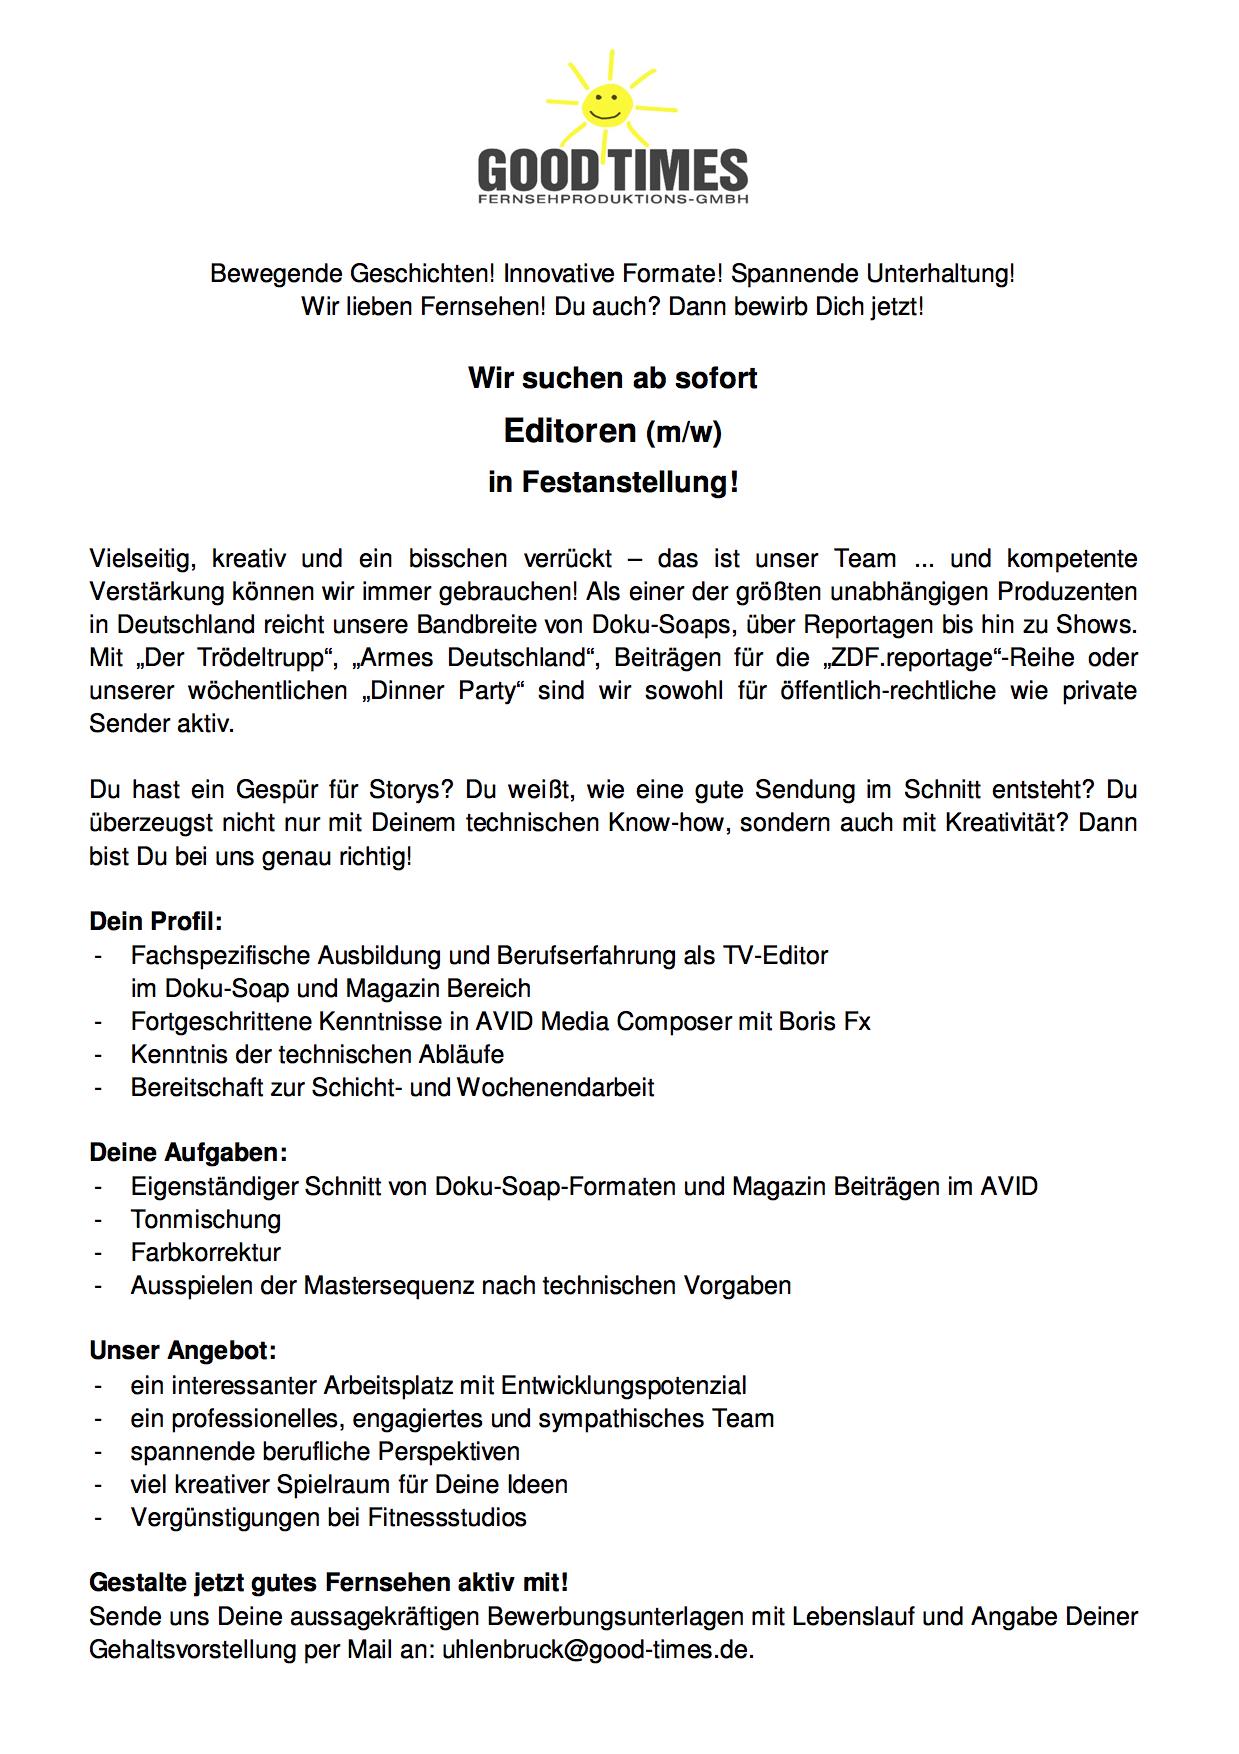 Charmant Lebenslauf Für Bundesjobs Probe Zeitgenössisch - Entry ...